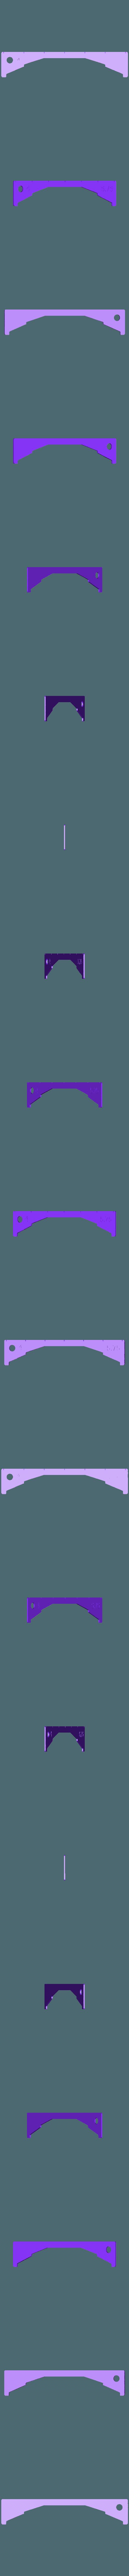 Crab_Ruler_v1-2.STL Télécharger fichier STL gratuit Règle du crabe (Californie) • Plan pour impression 3D, WalterHsiao